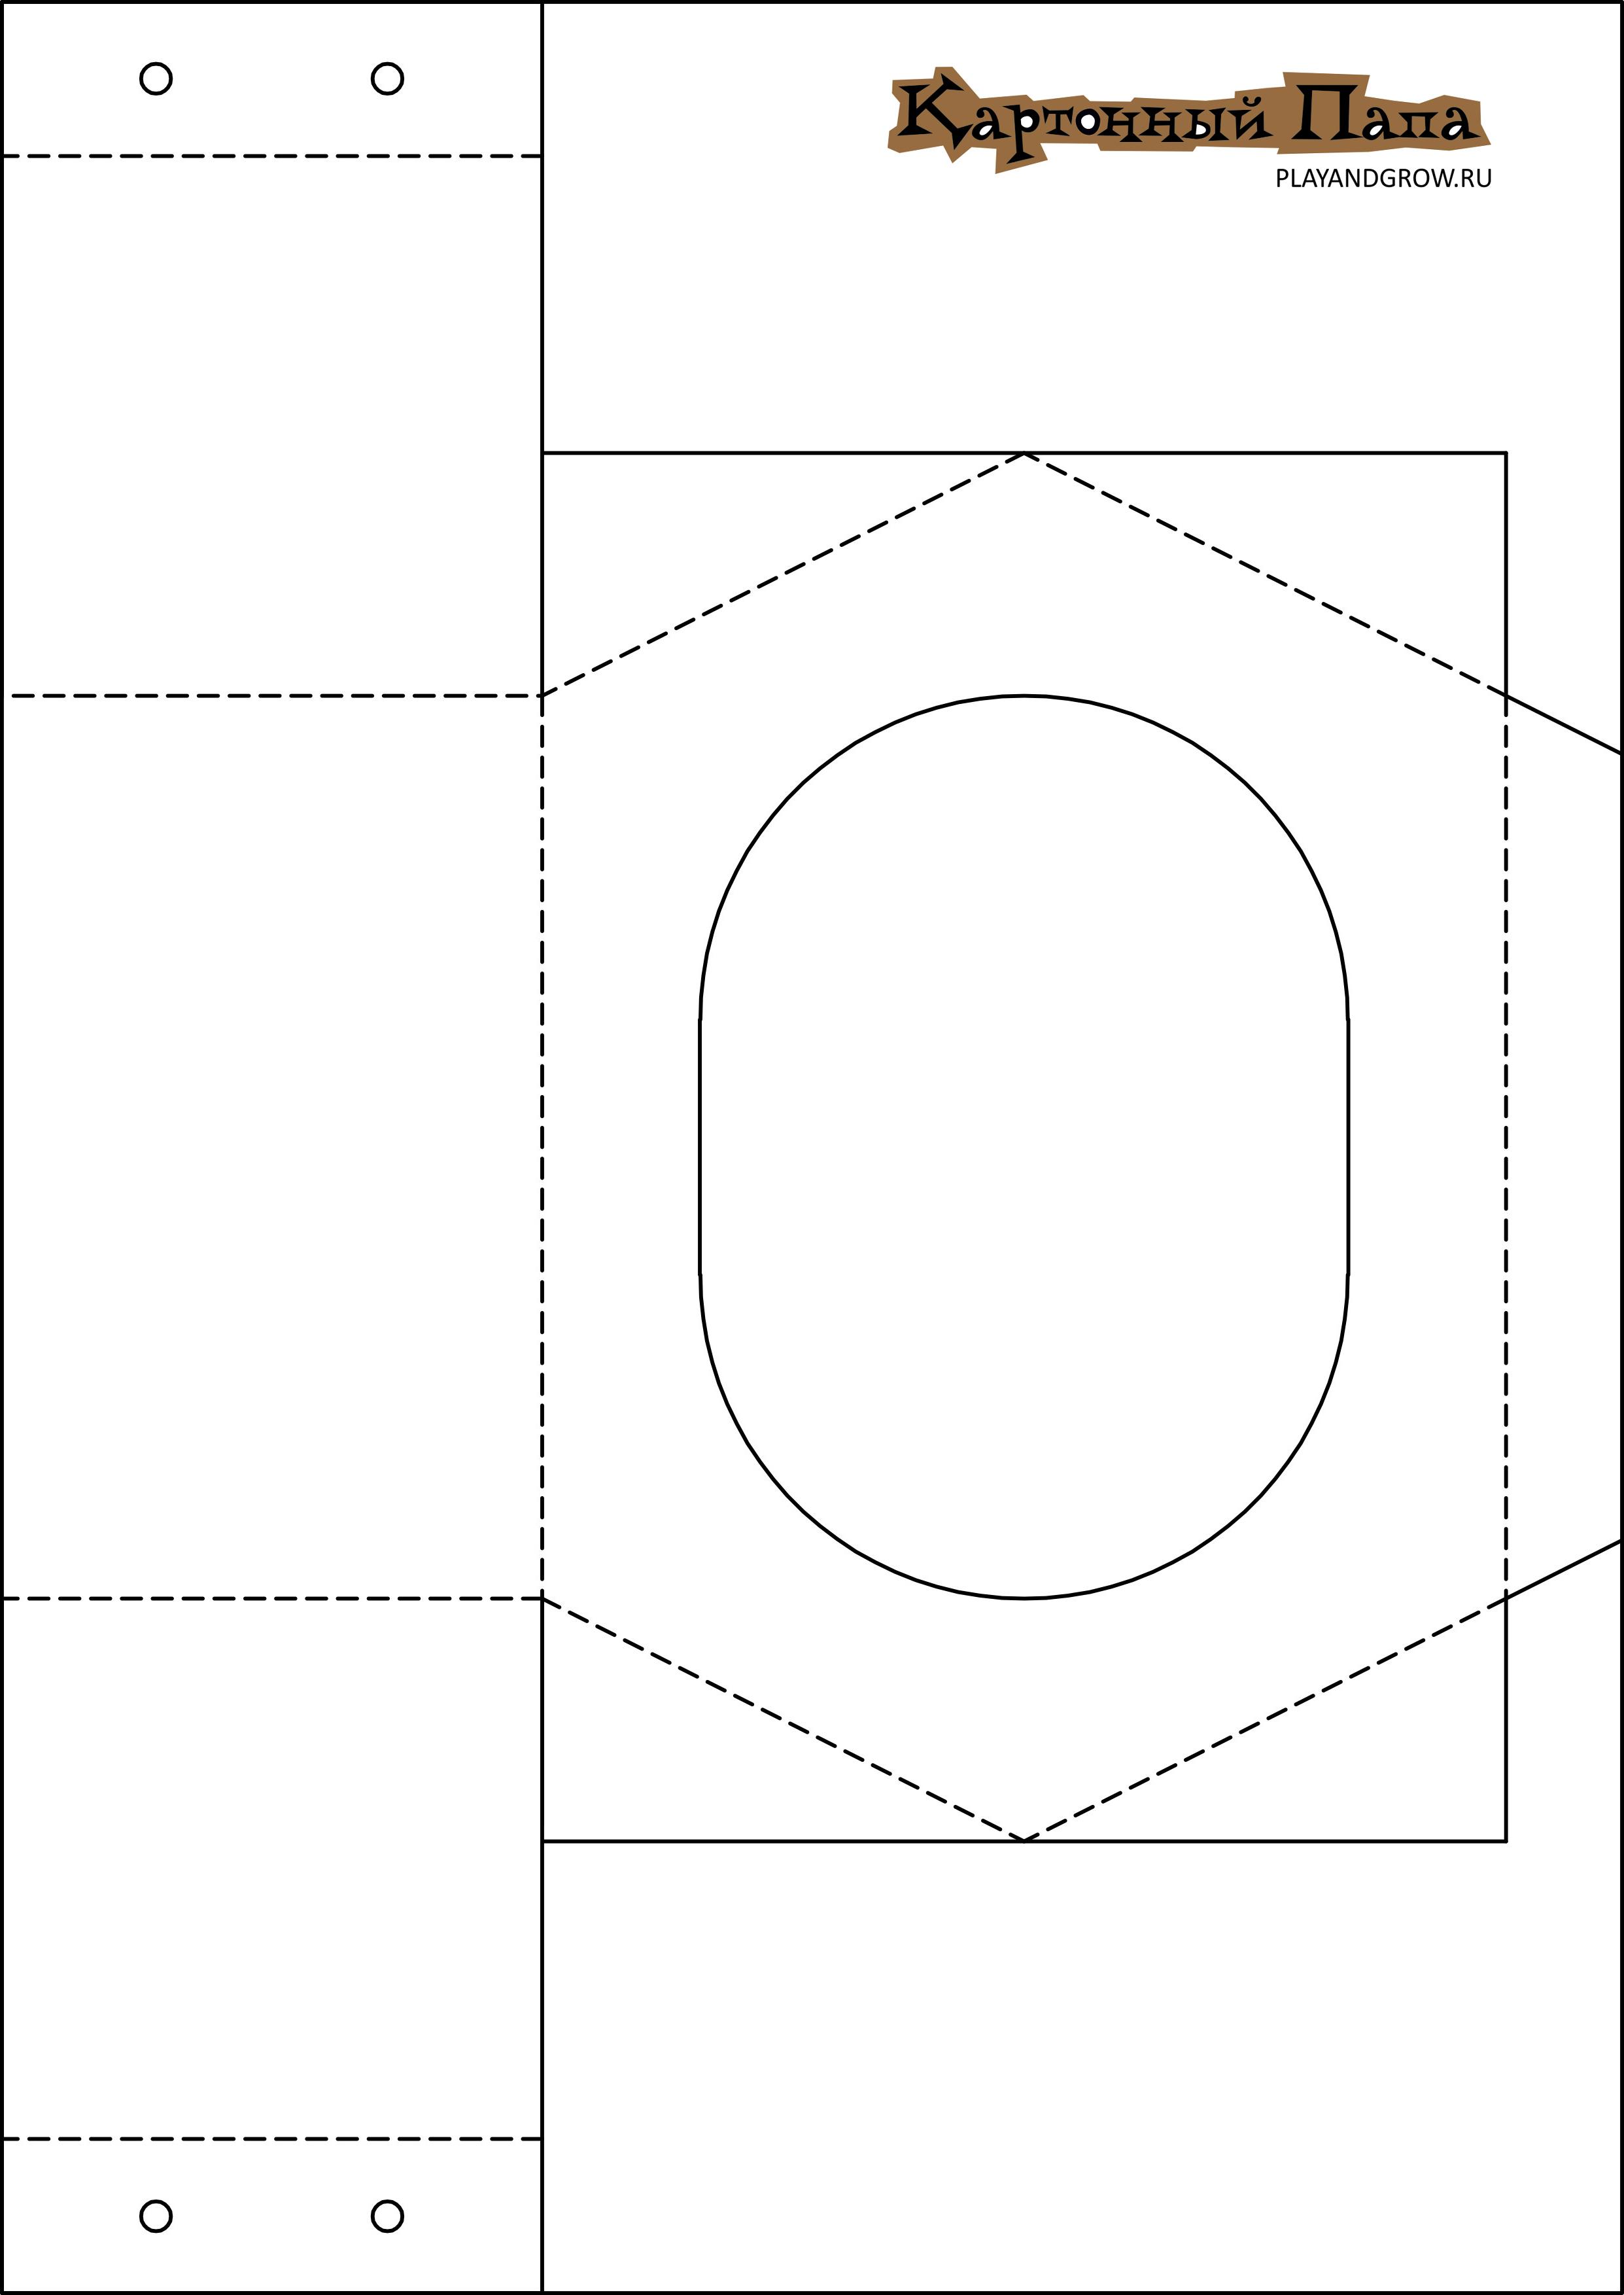 Кровать чердак своими руками эскизы и чертежи фото 145